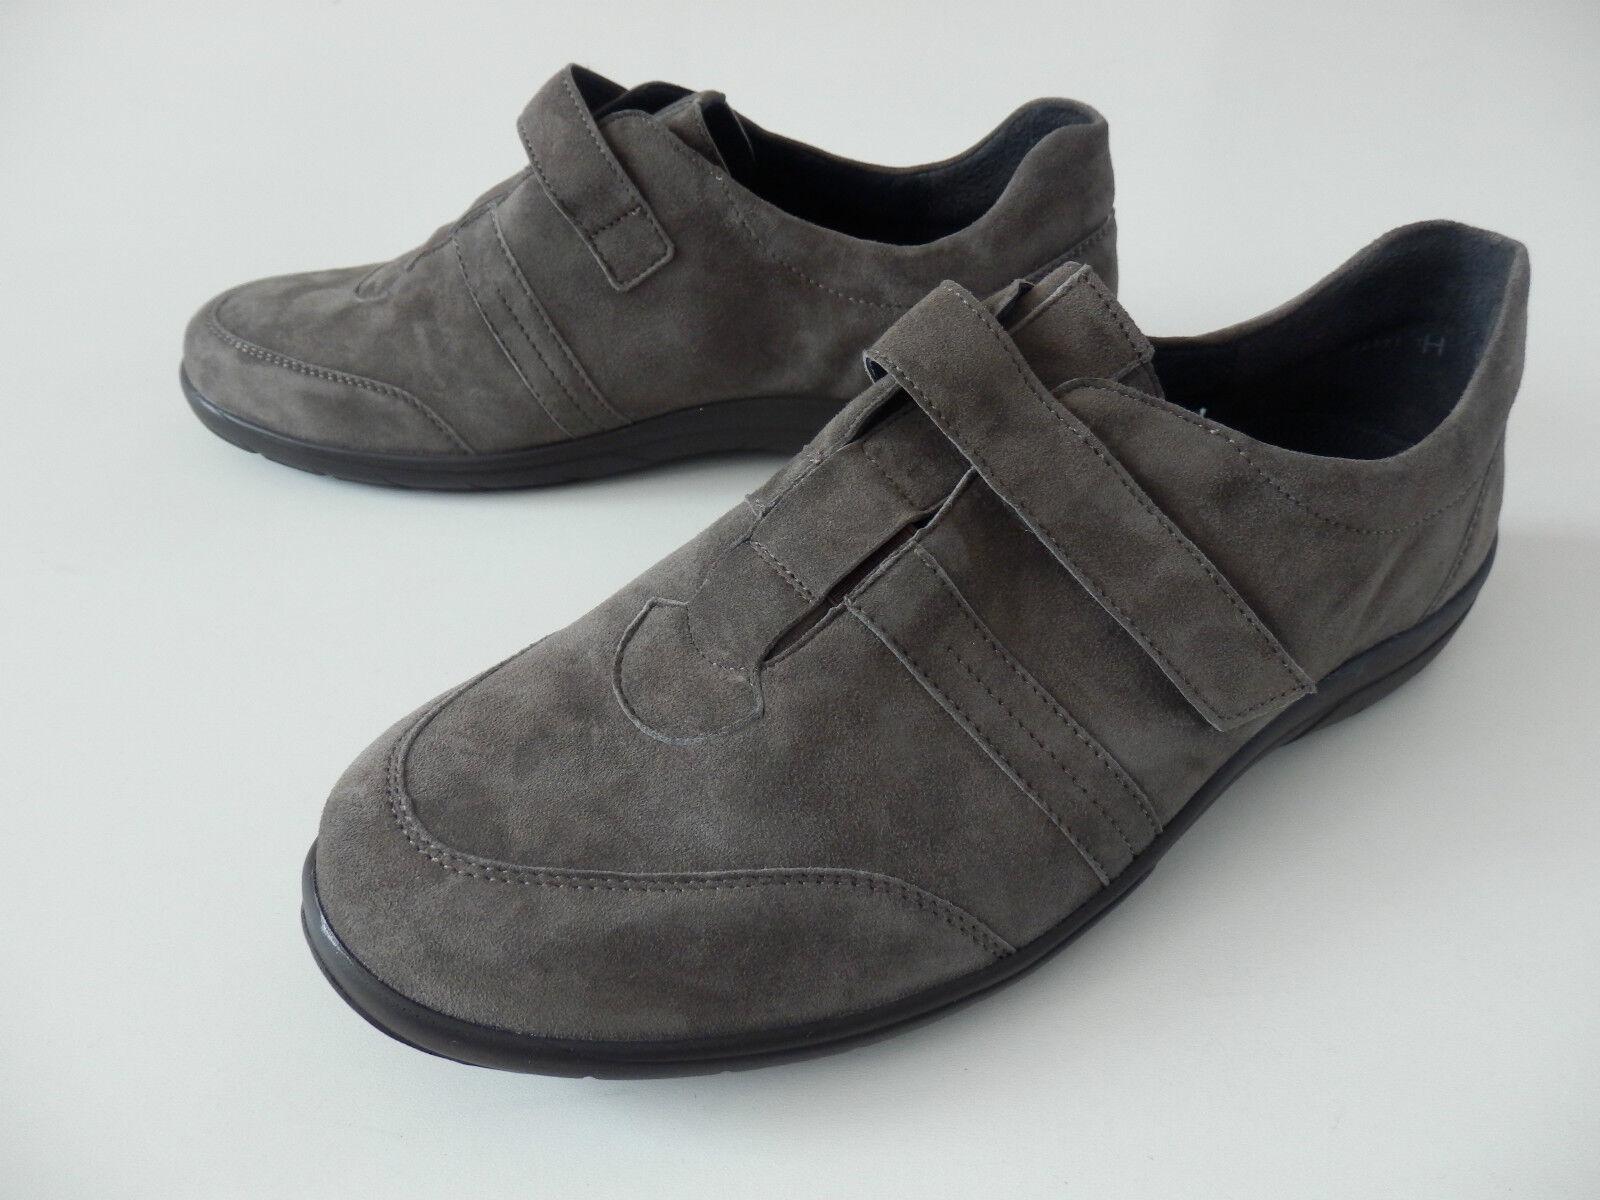 Semler michelle zapatos zapato velcro cuero cuero cuero Taupe vastas h talla 33 1 nuevo  bajo precio del 40%